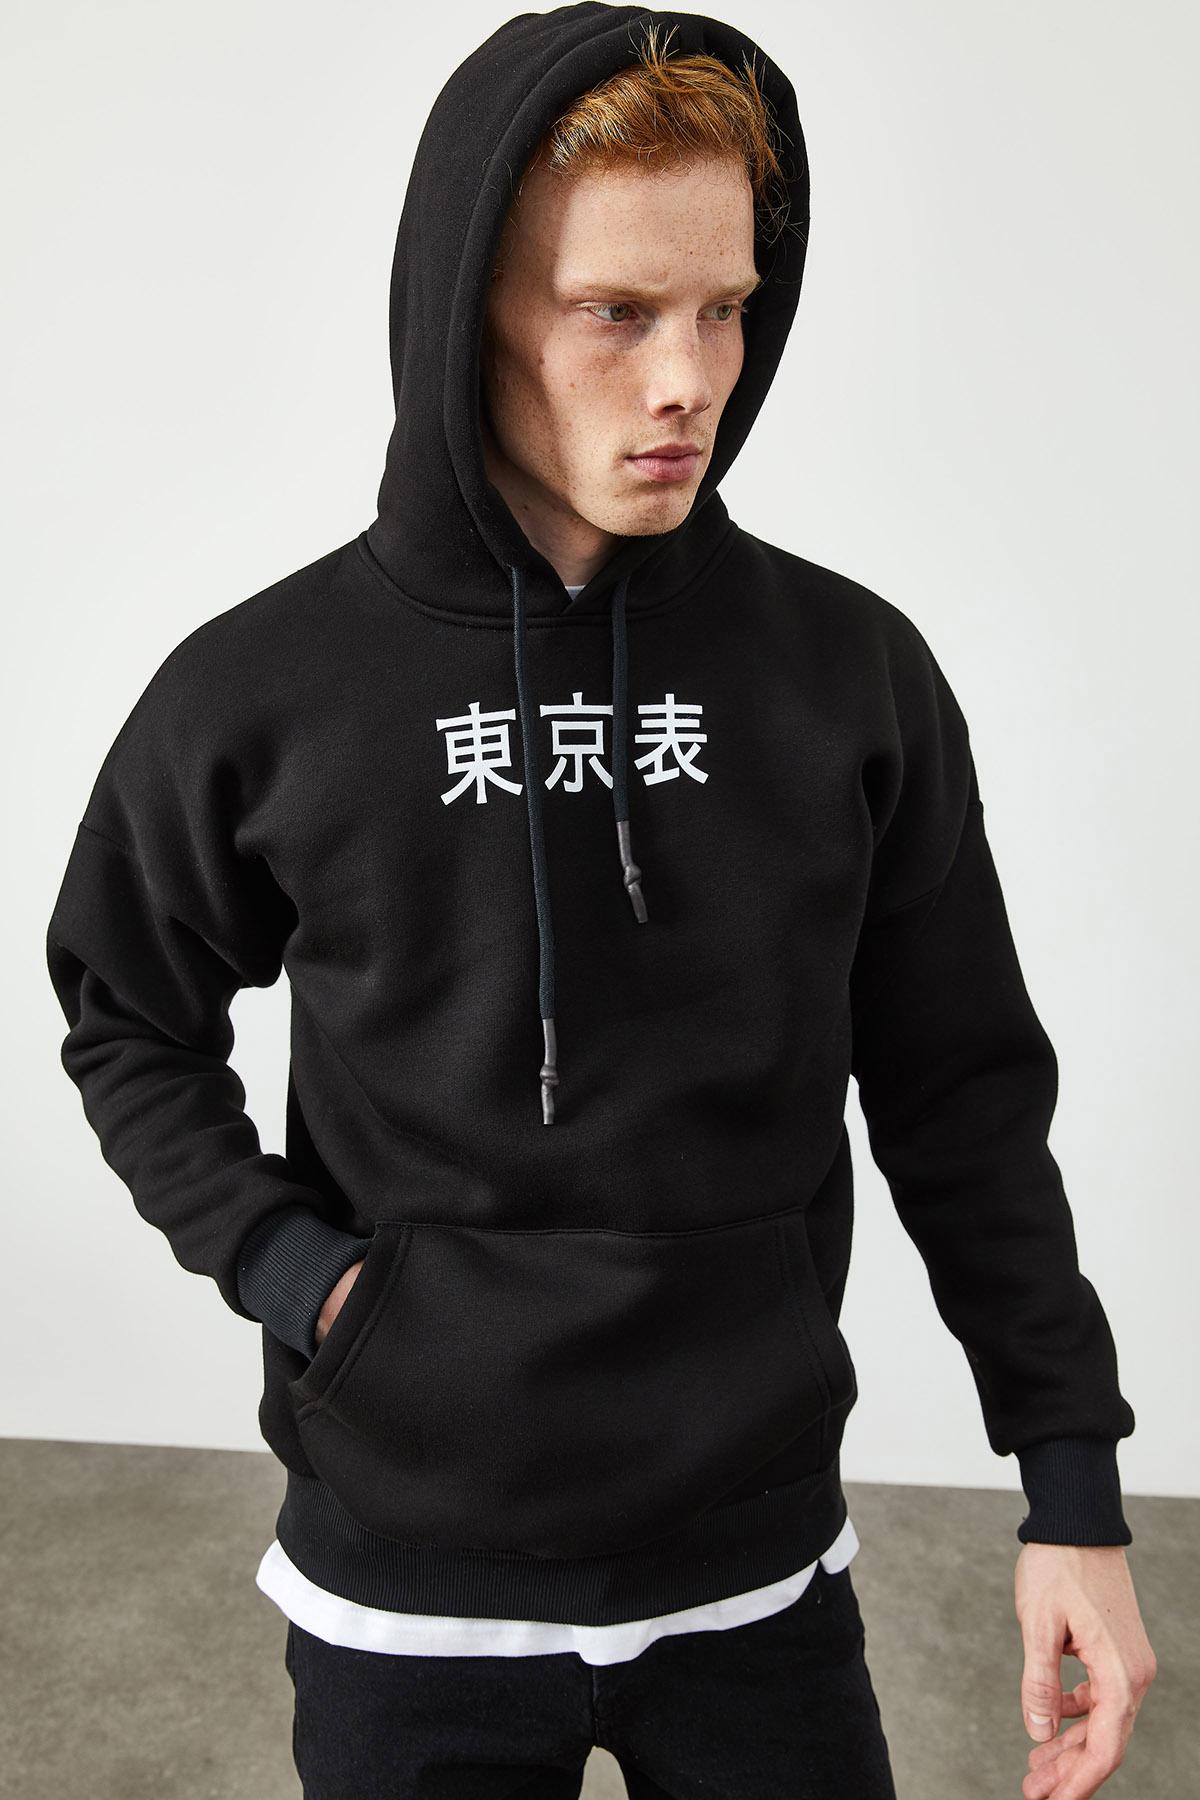 Siyah Arkası Baskı Detaylı Kapüşonlu Sweatshirt 2KXE8-45370-02